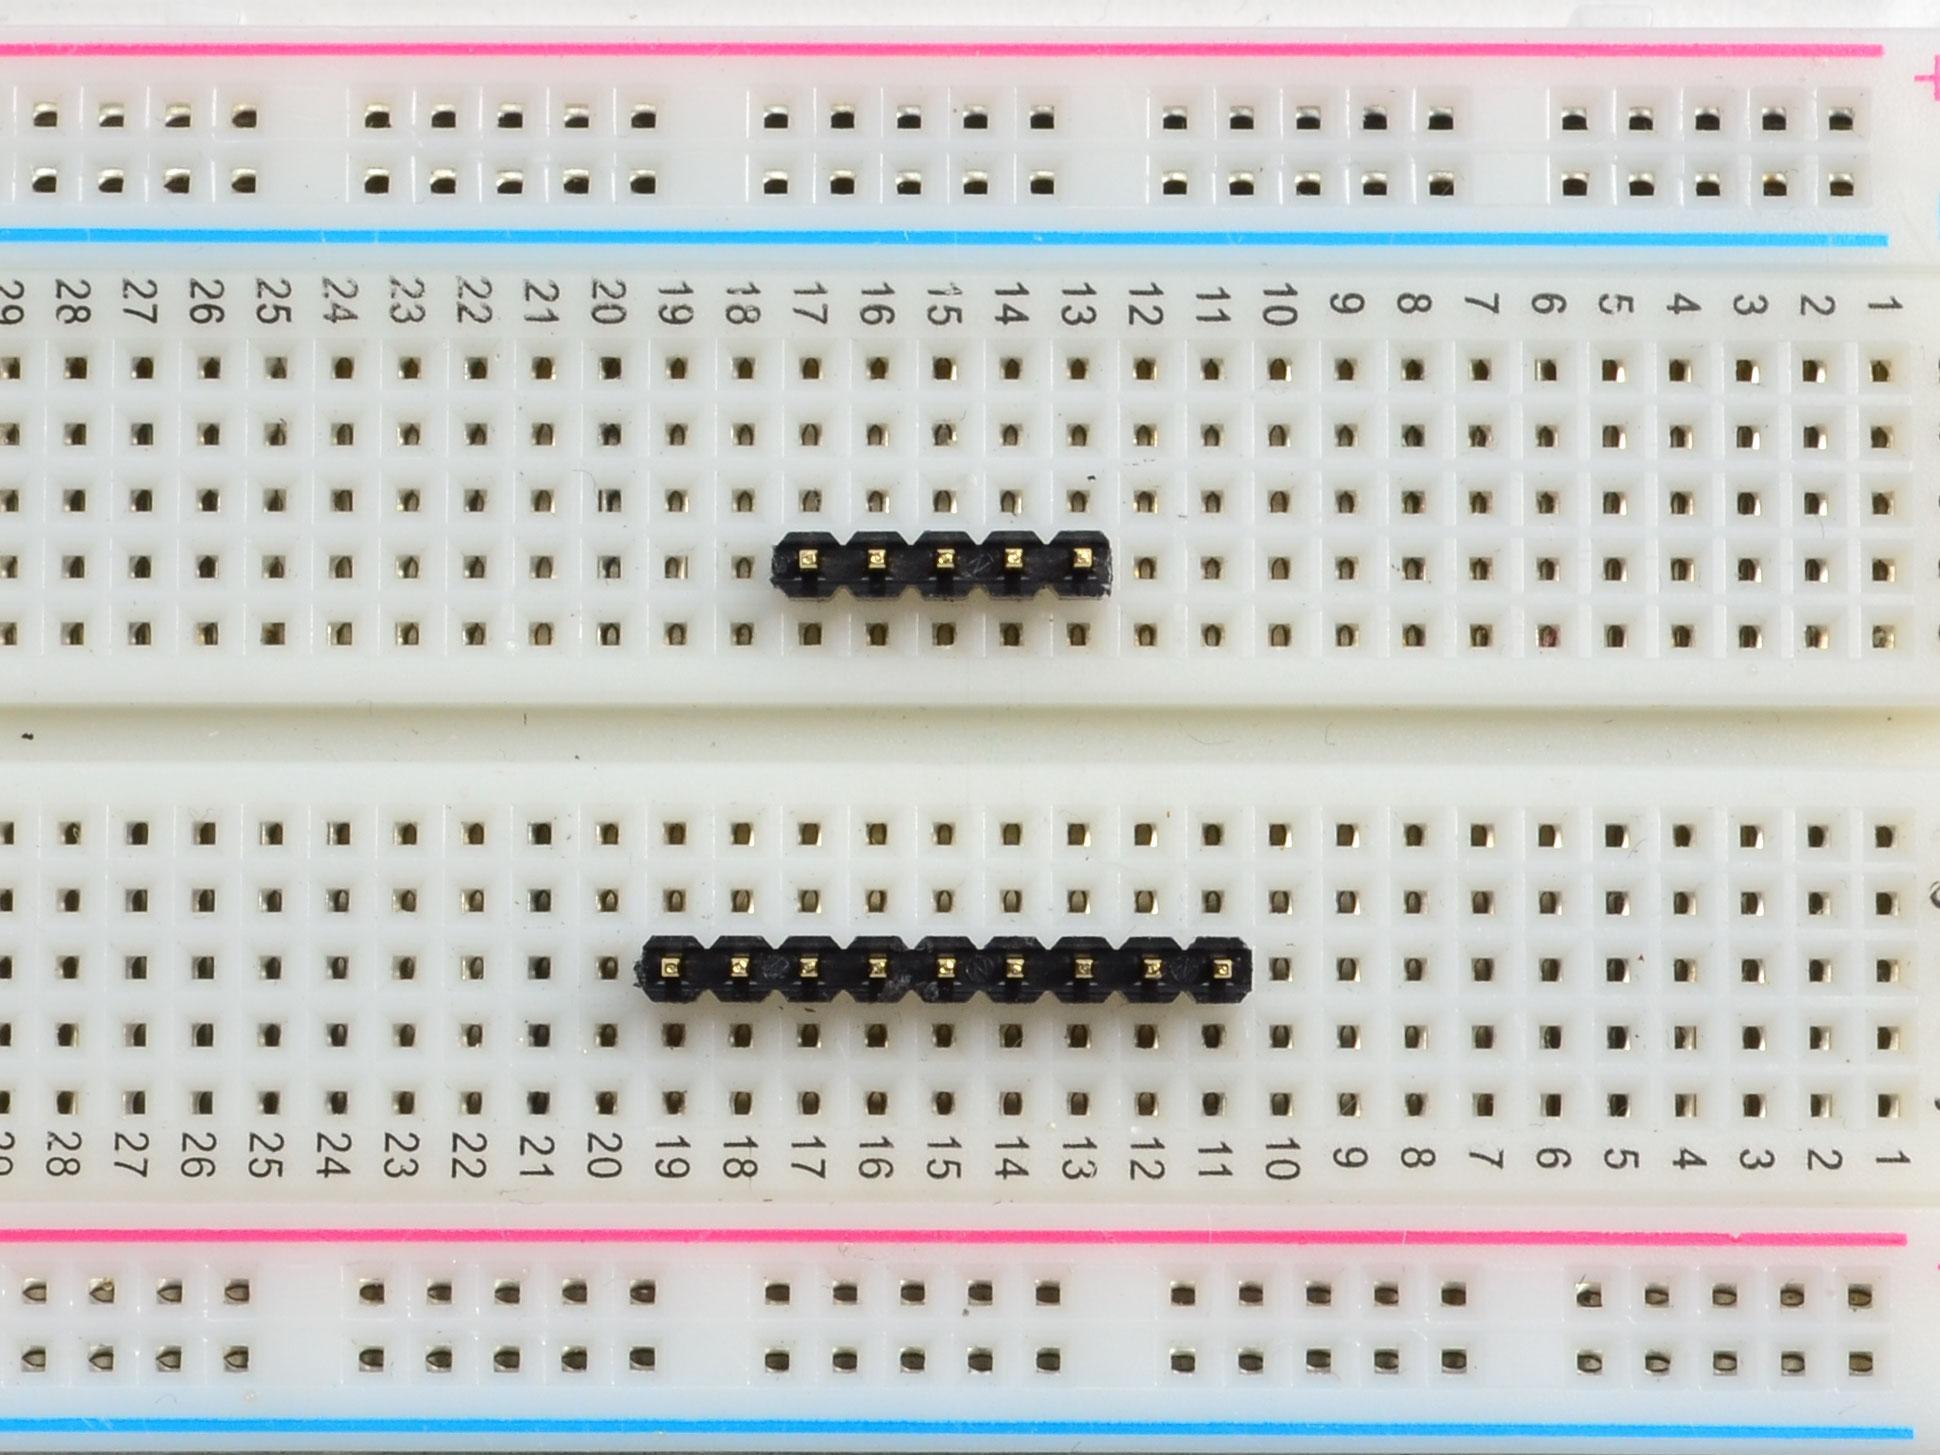 sensors_header.jpg